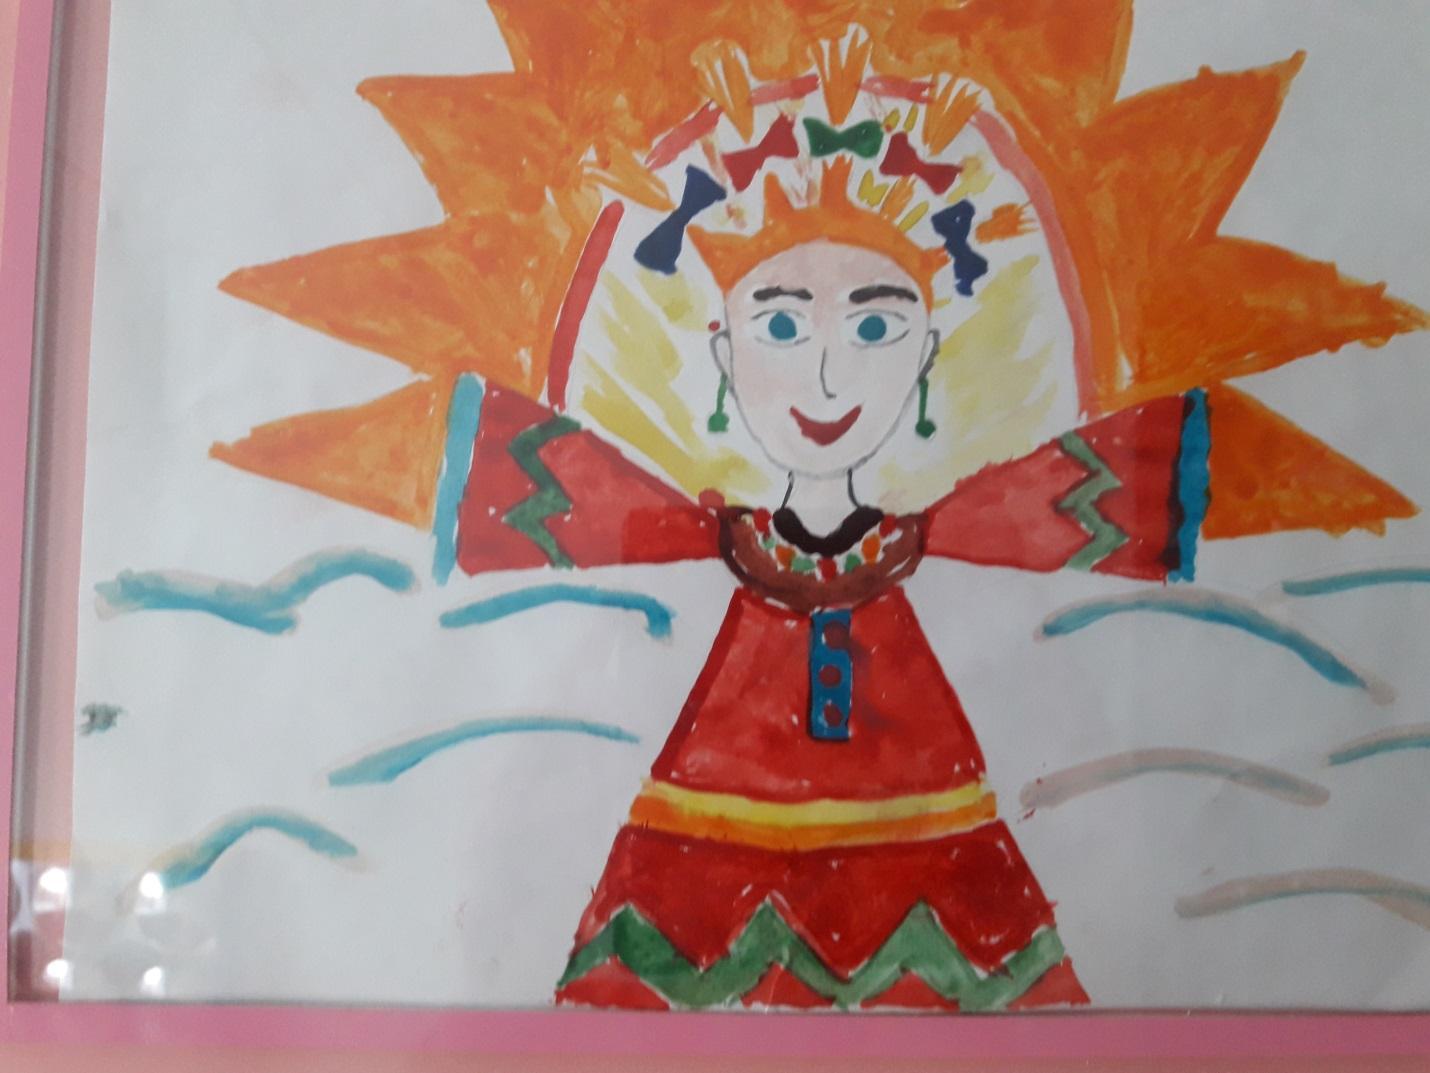 C:\Users\User5\Desktop\В ЮРИС\Городской конкурс детских рисунков Широкая масленица\20210311_163110.jpg